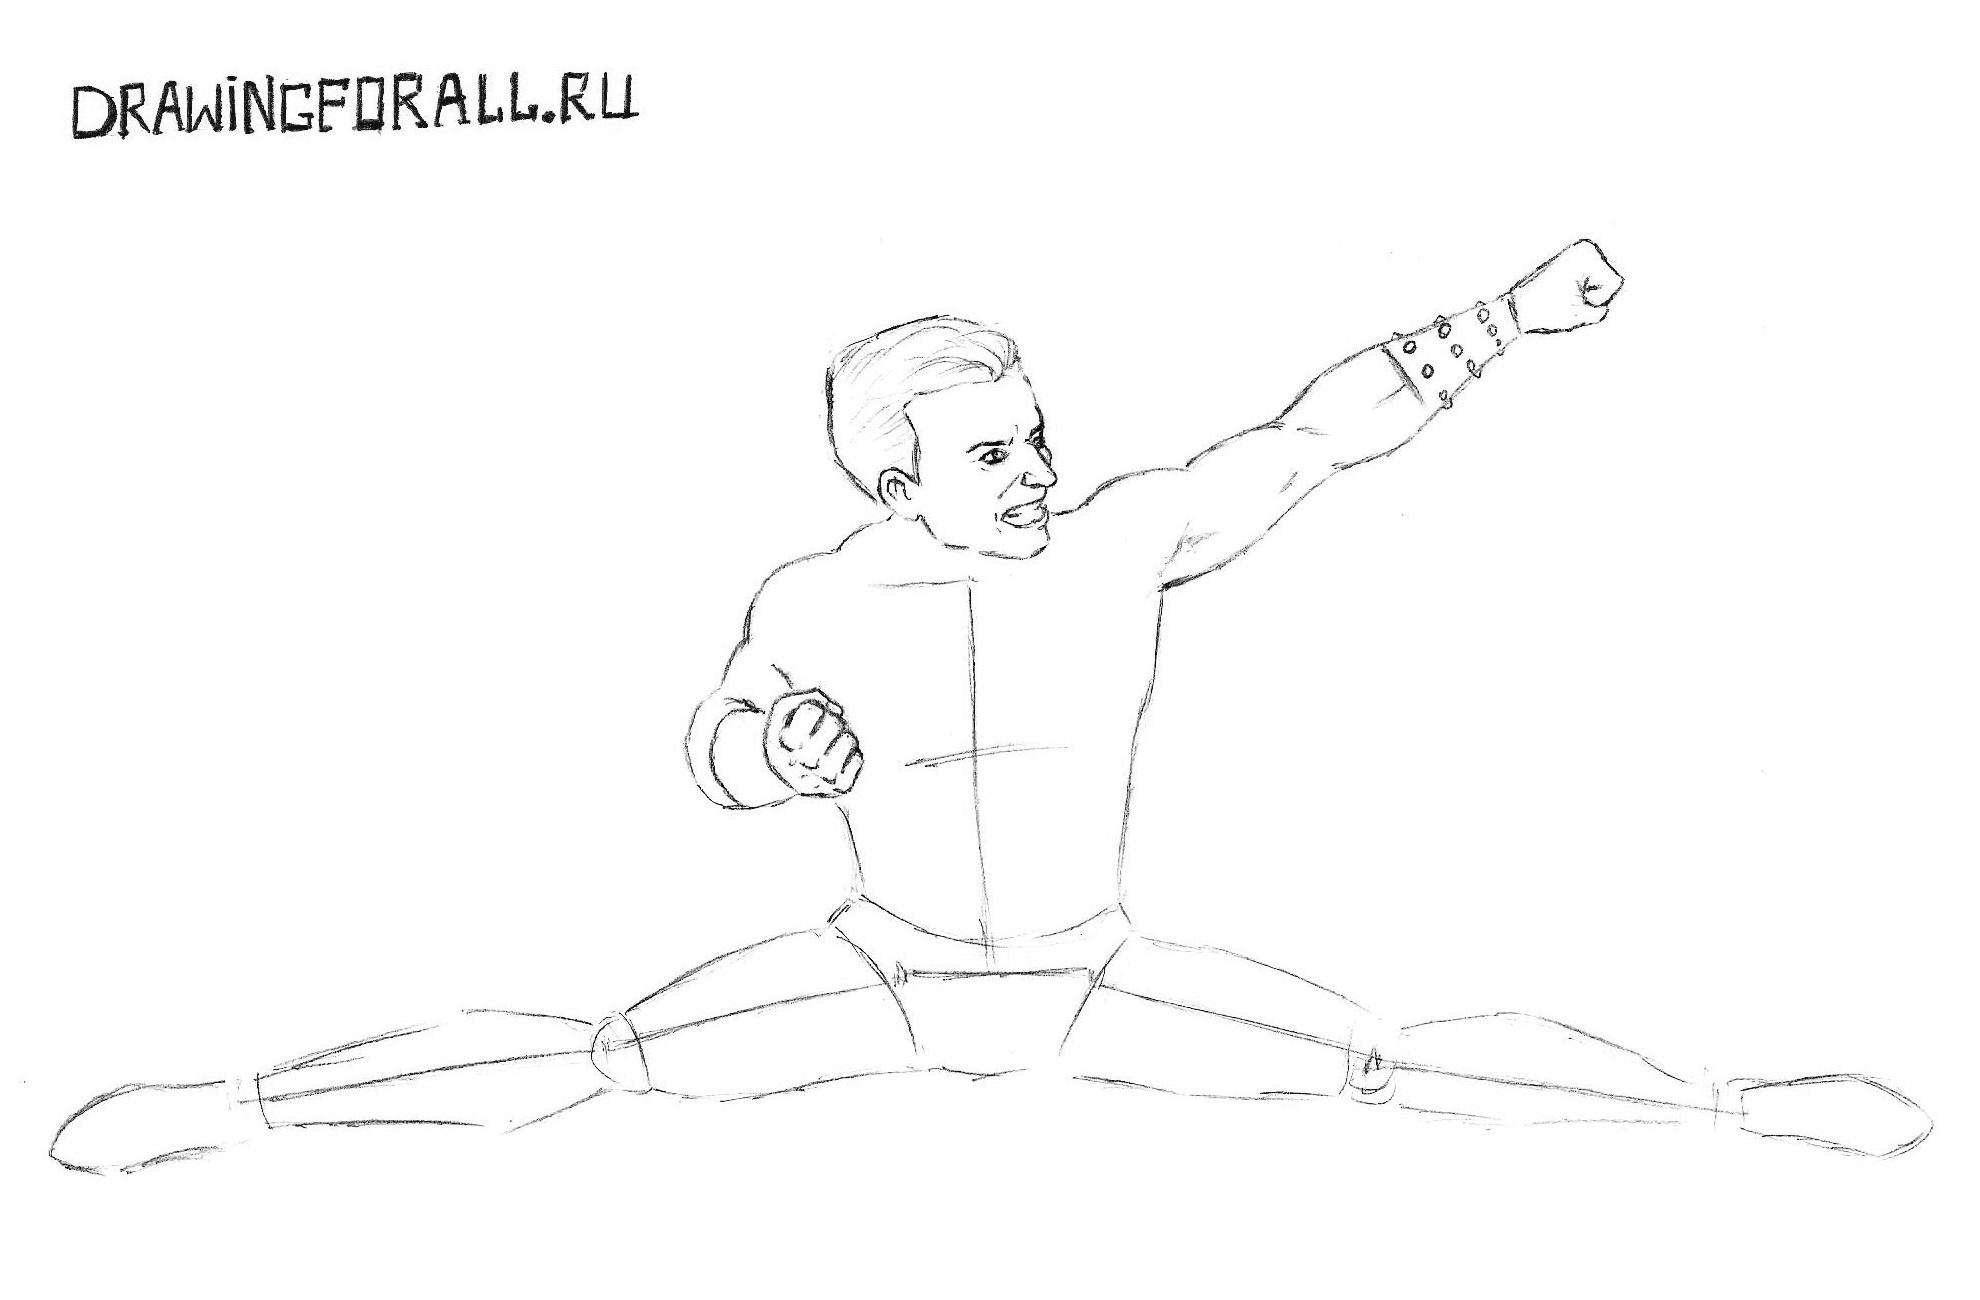 Мортал комбат как нарисовать